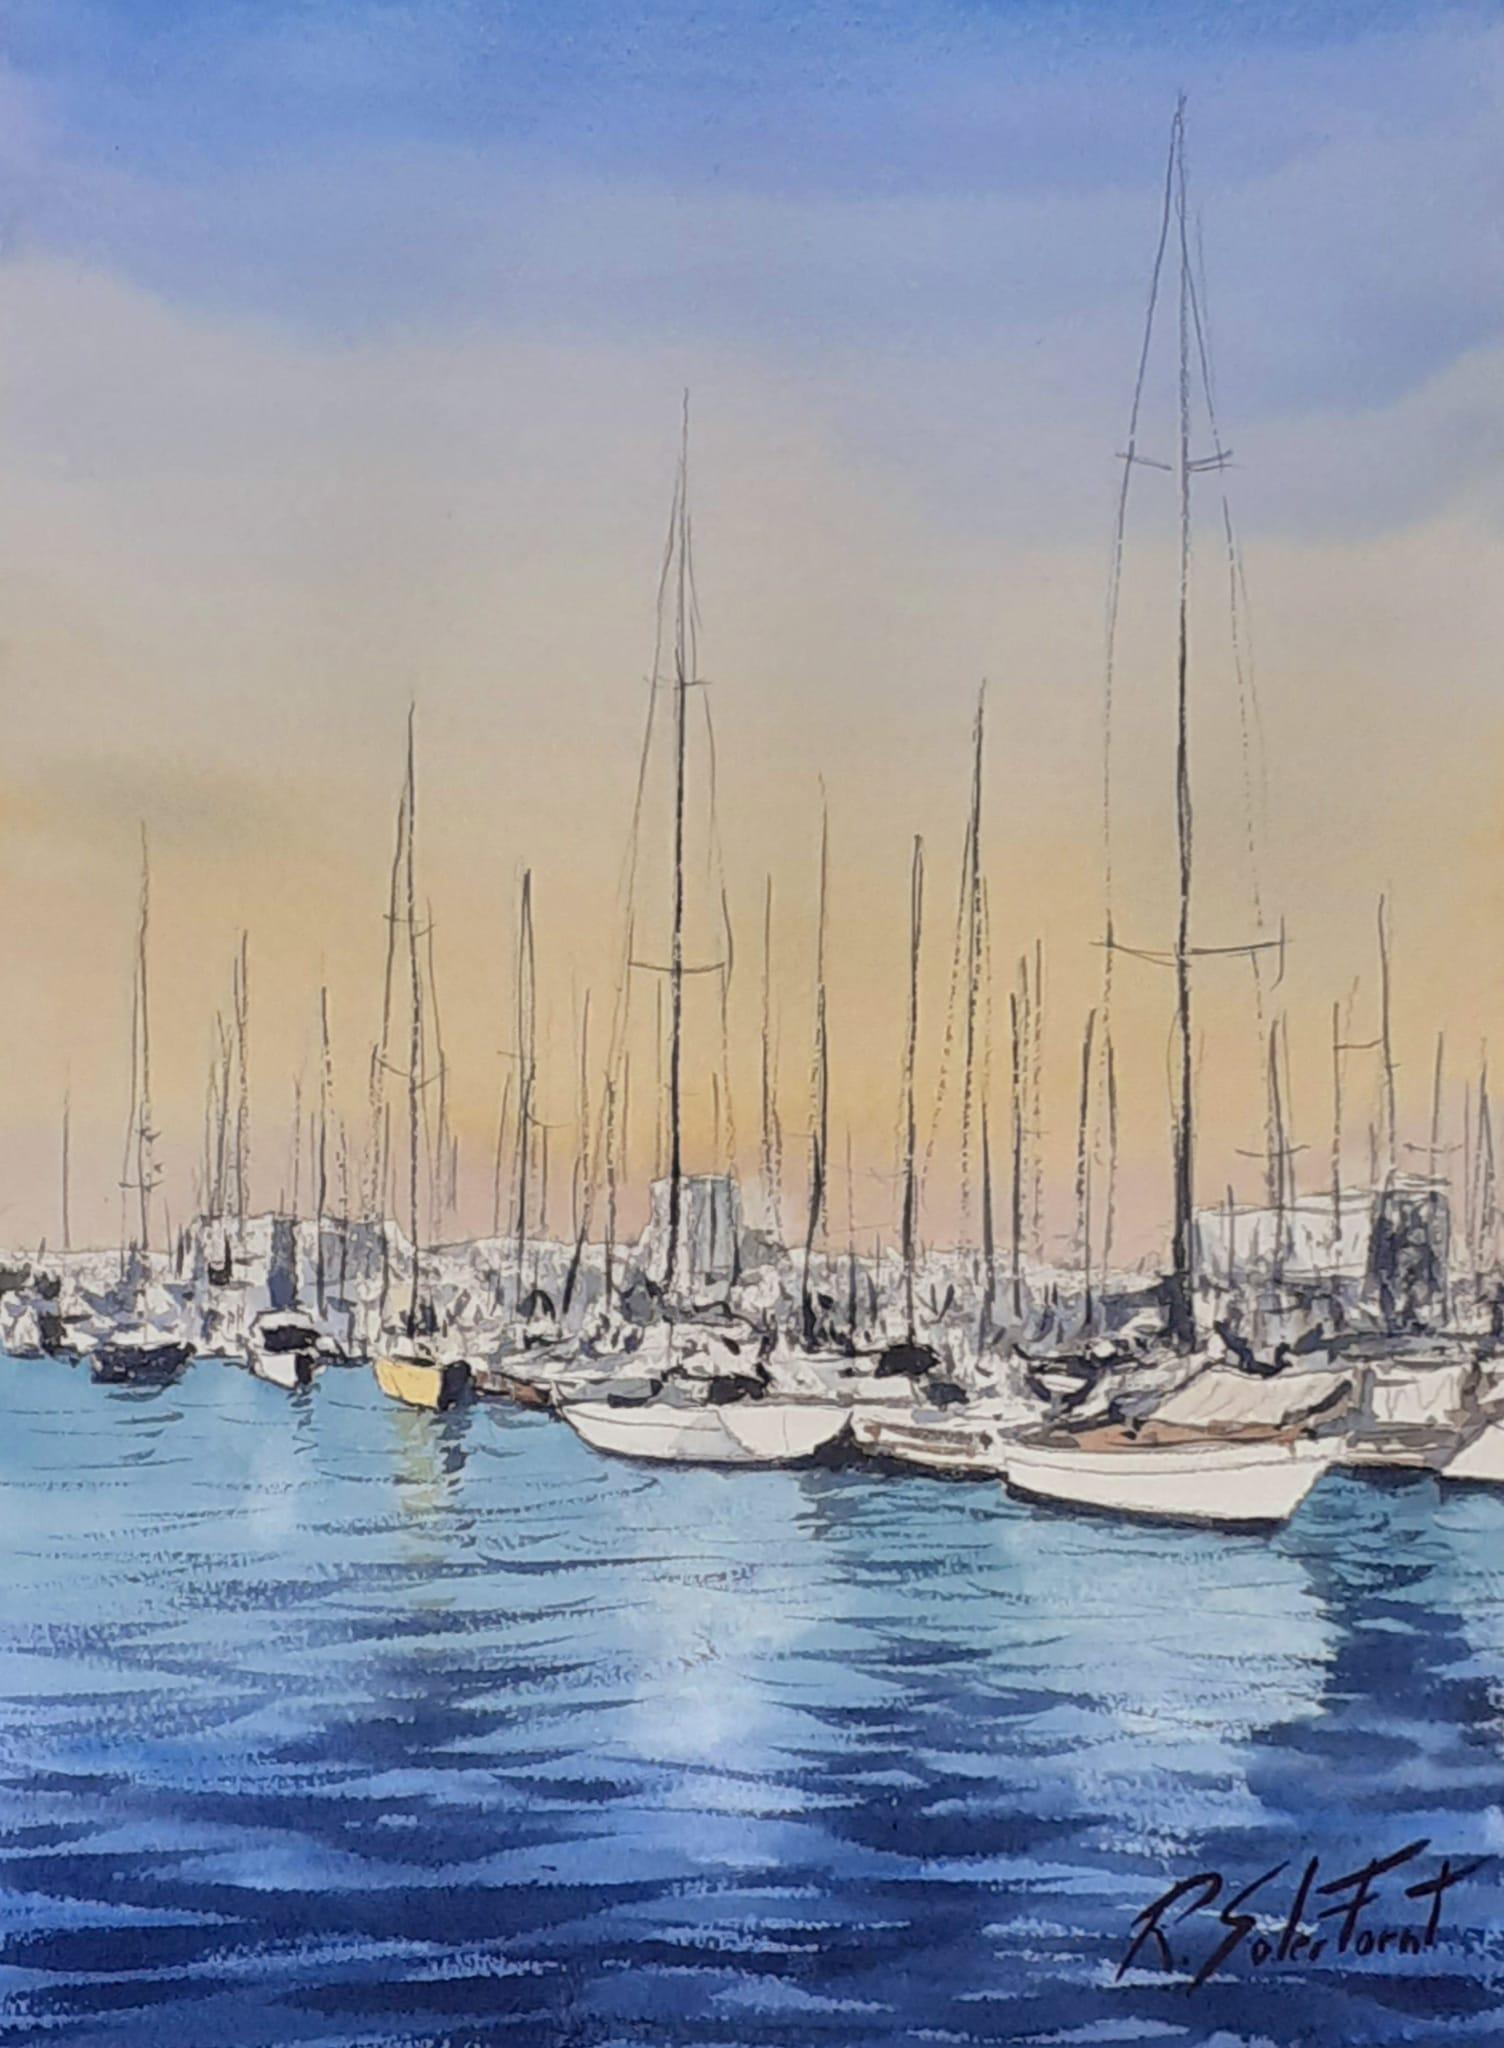 Port nàutic de Barcelona, 25 x 35 cm. (Disponible)